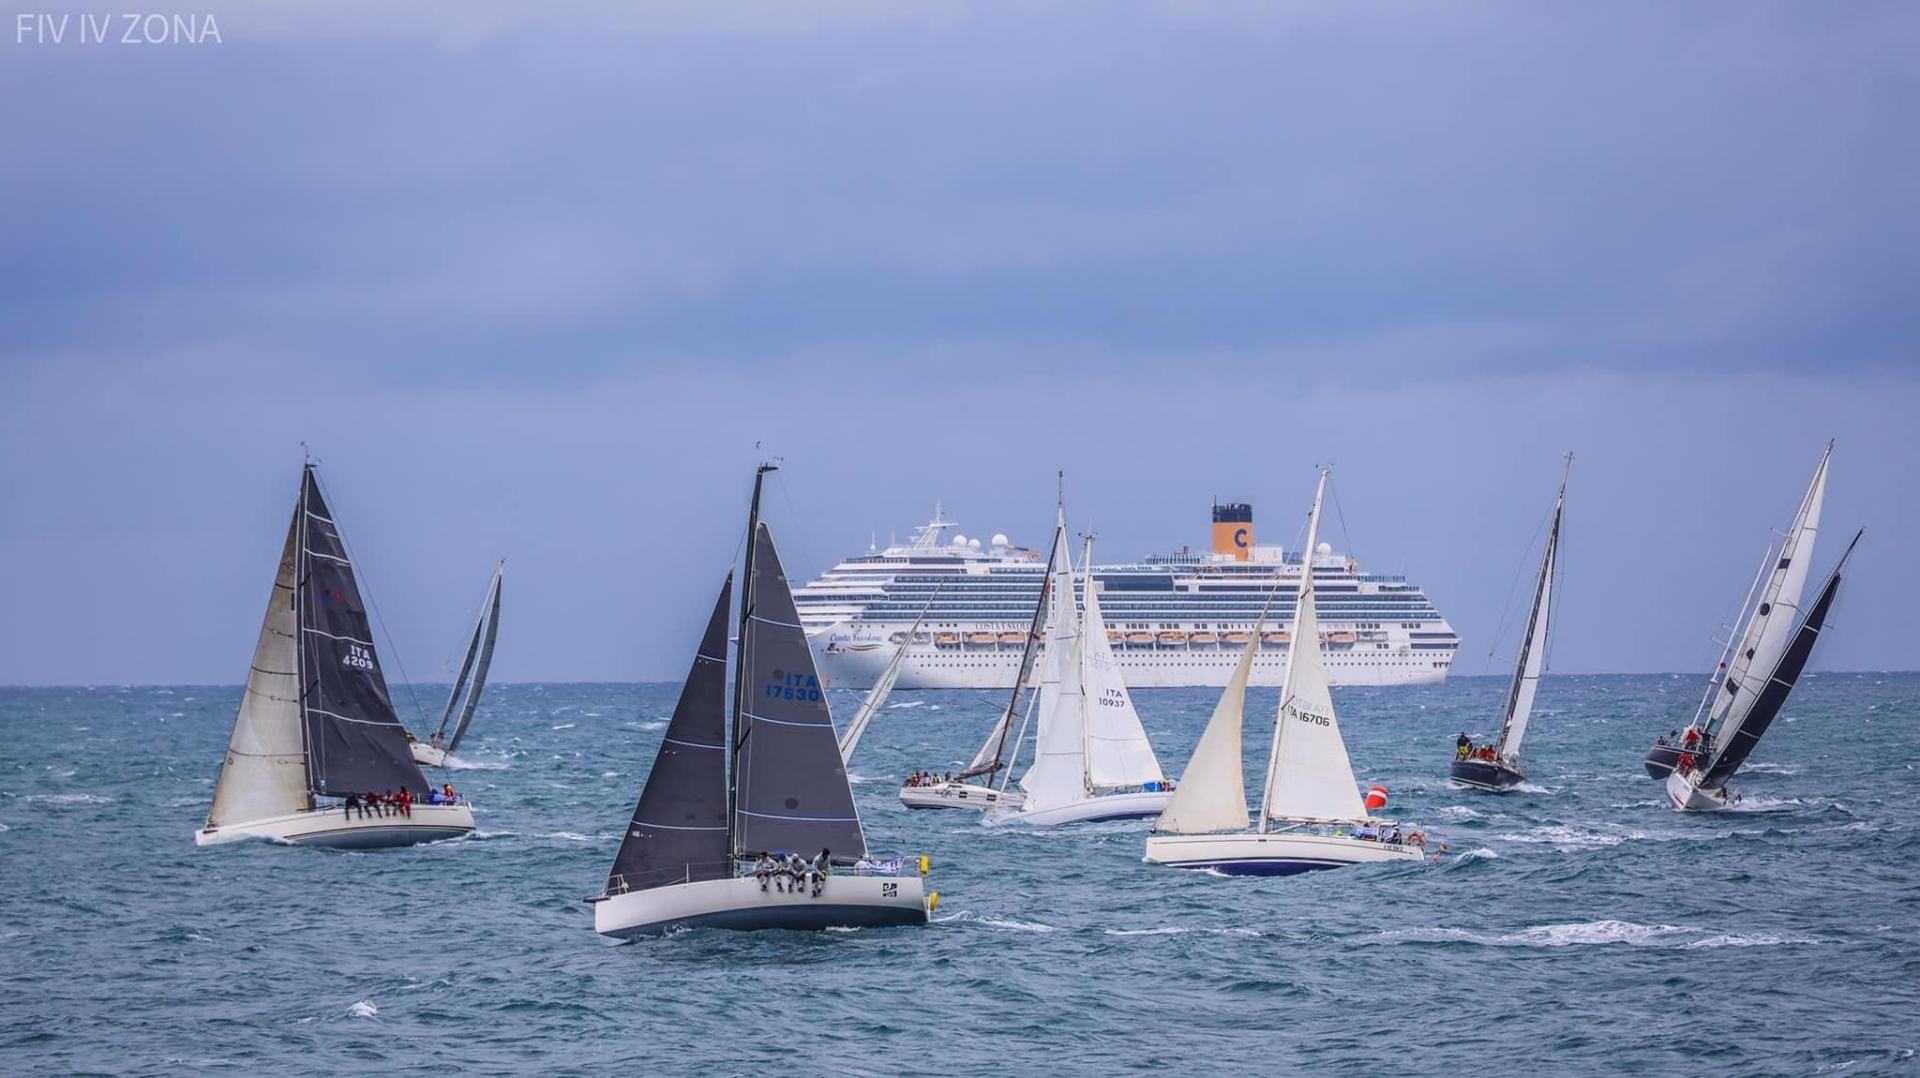 Roma per Due: il socio YCCS Stoppani conquista la Line Honours  - NEWS - Yacht Club Costa Smeralda